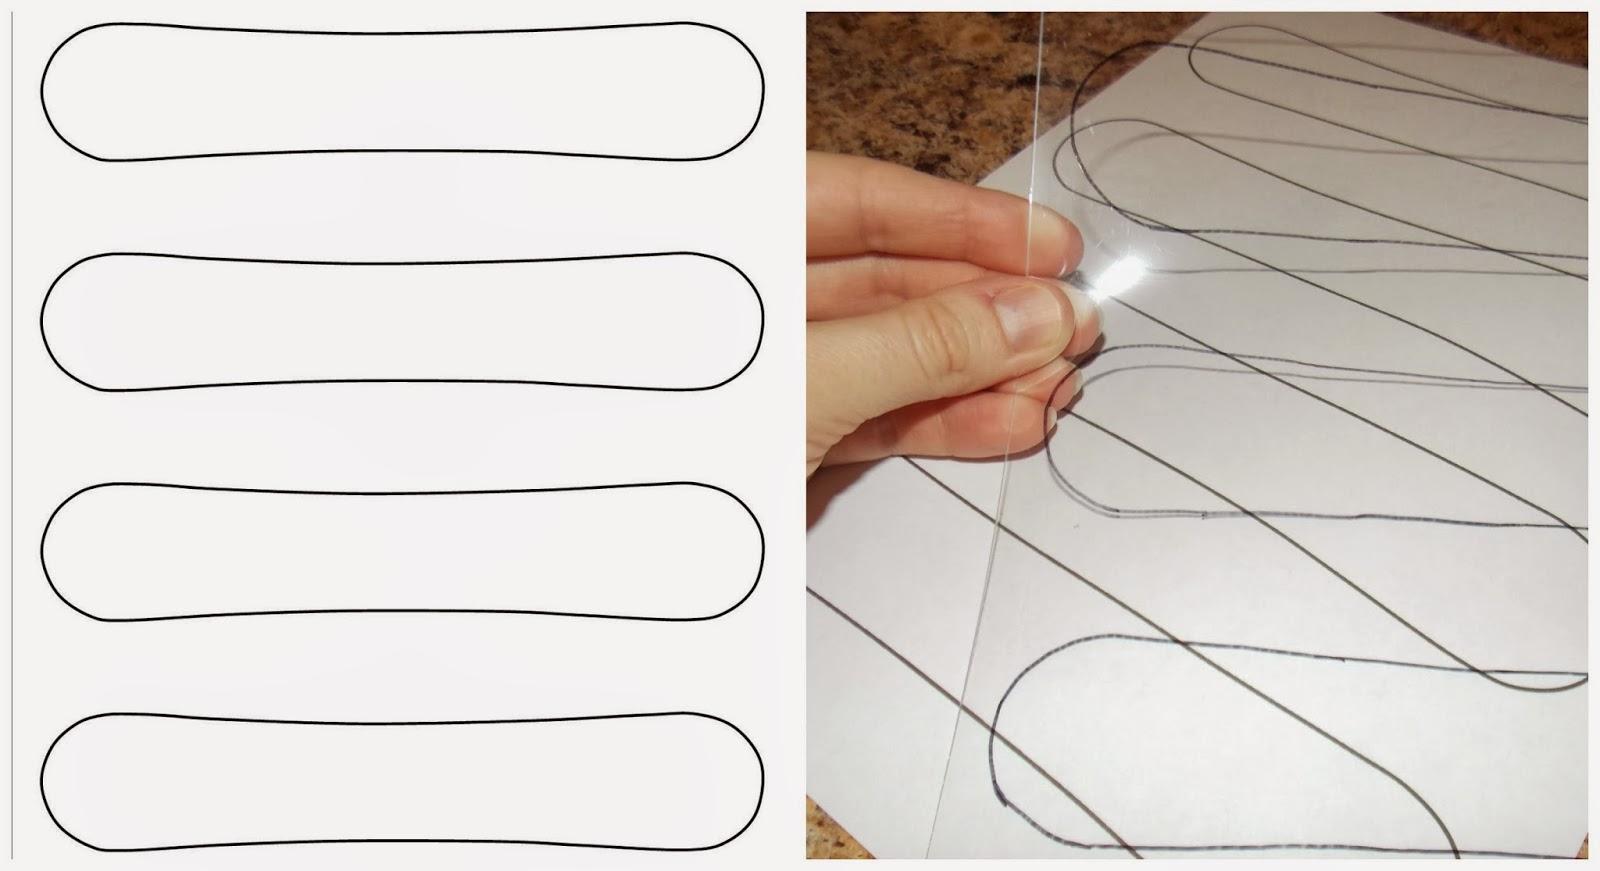 Хозблок своими руками для дачи - как построить